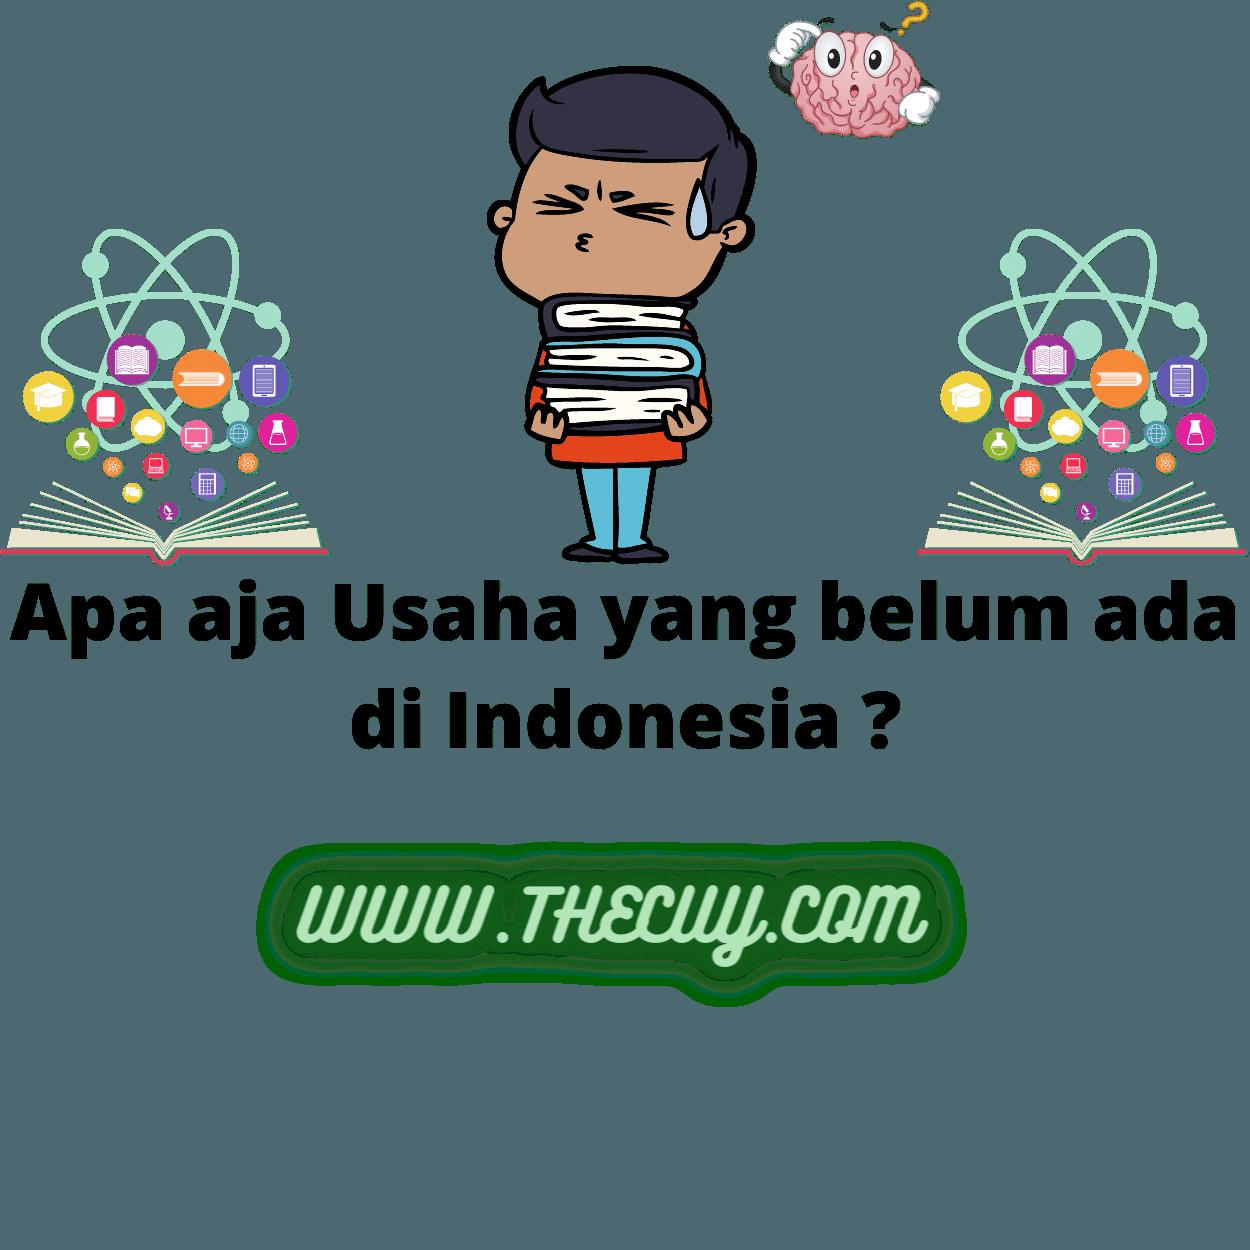 usaha yang belum ada di Indonesia